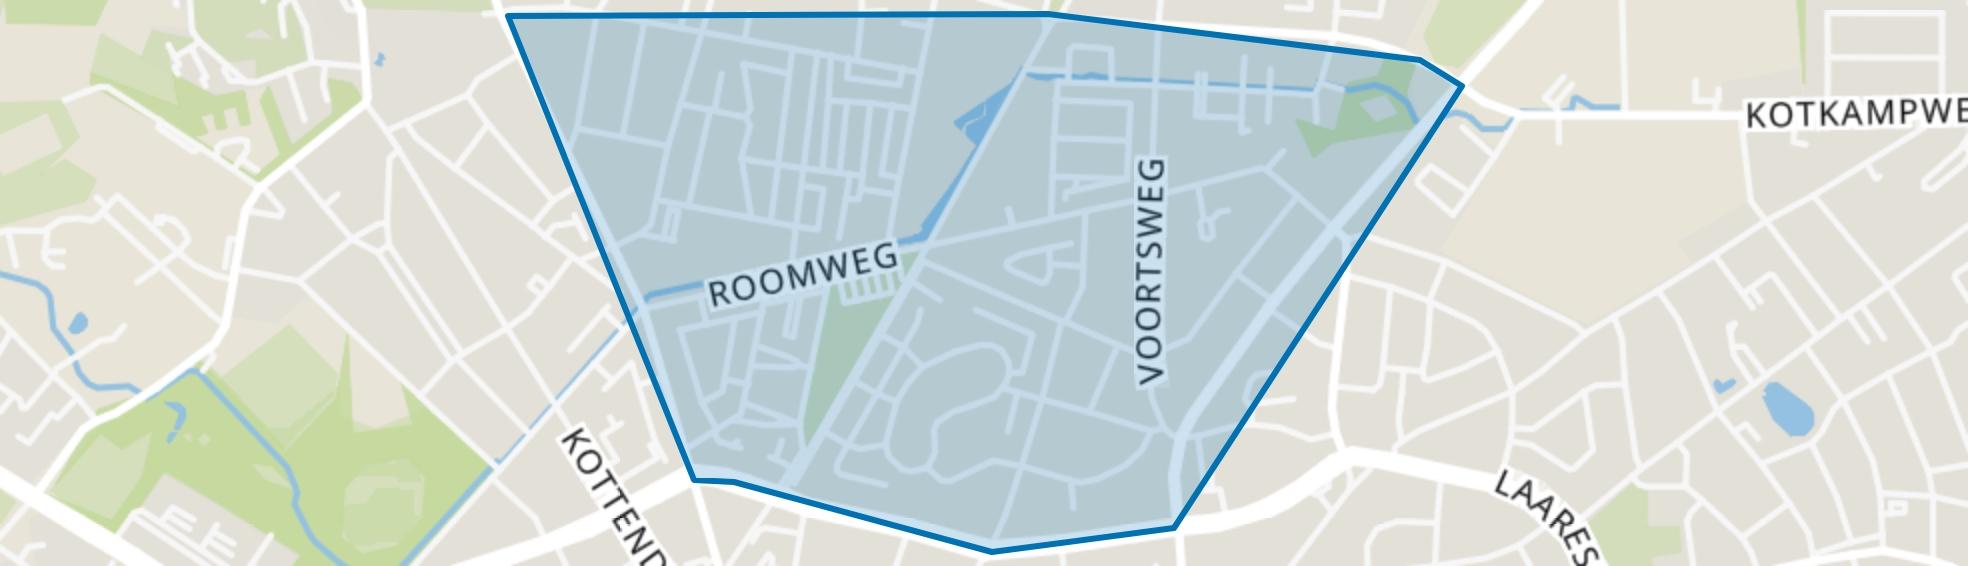 Roombeek-Roomveldje, Enschede map